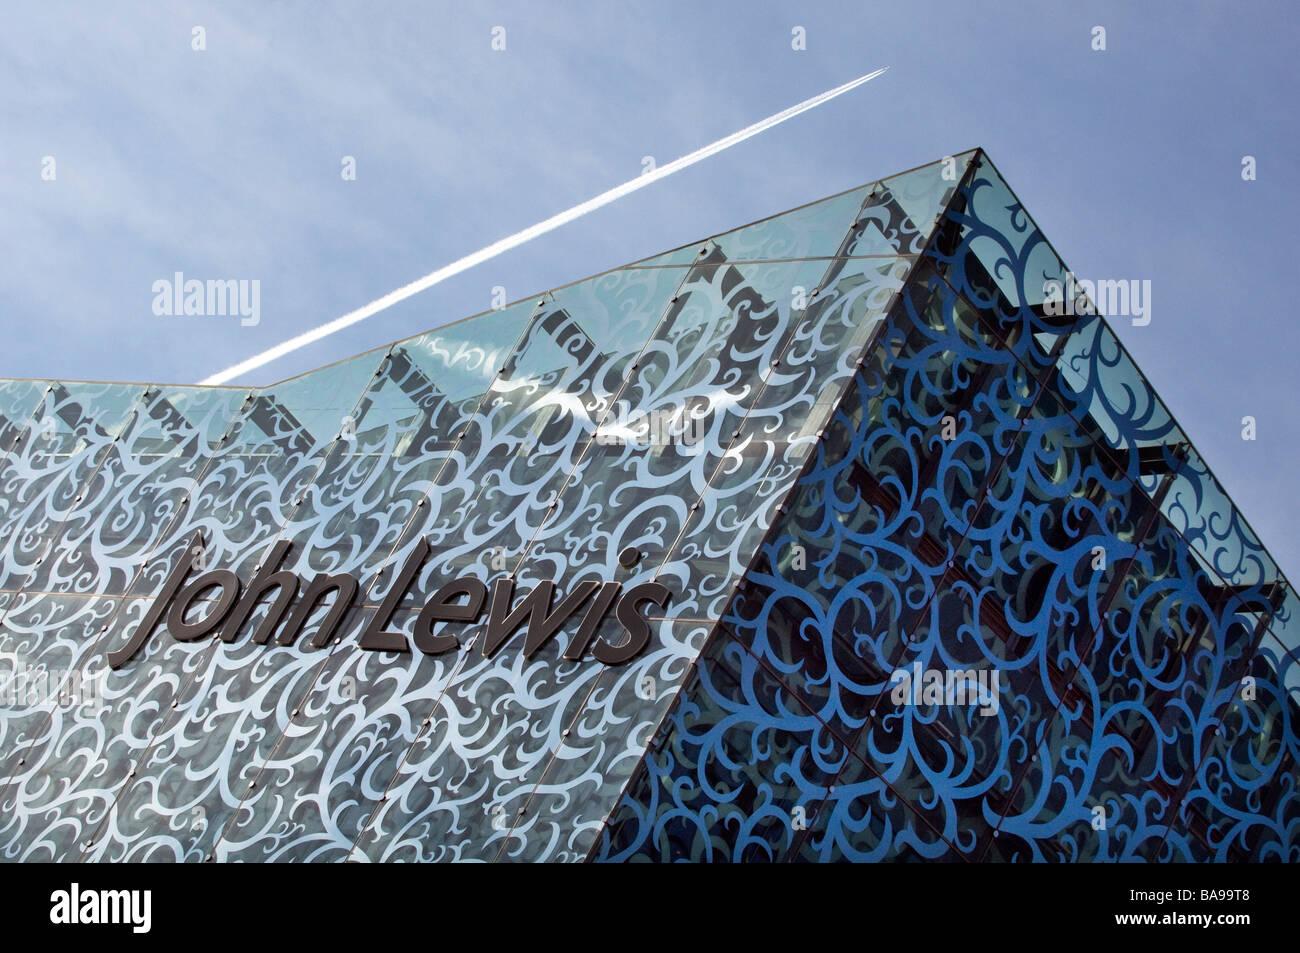 La sorprendente arquitectura moderna de la nueva fachada de vidrio almacenes John Lewis en el centro comercial Highcross Imagen De Stock